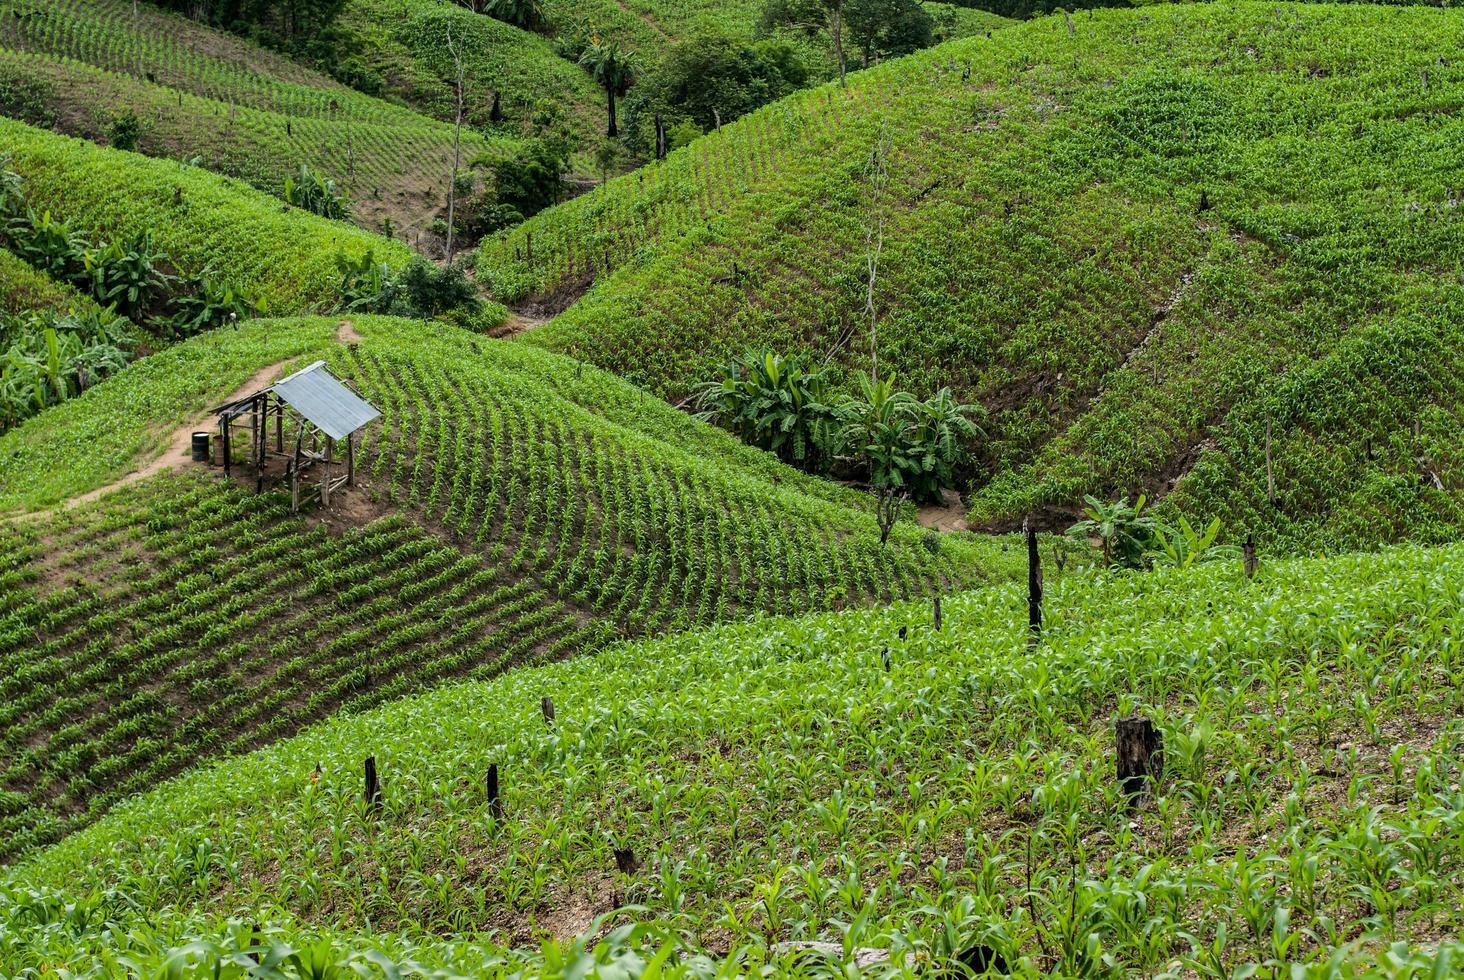 Terrazza campi di riso nel distretto di Mae Chaem Chiang Mai, Thailandia foto